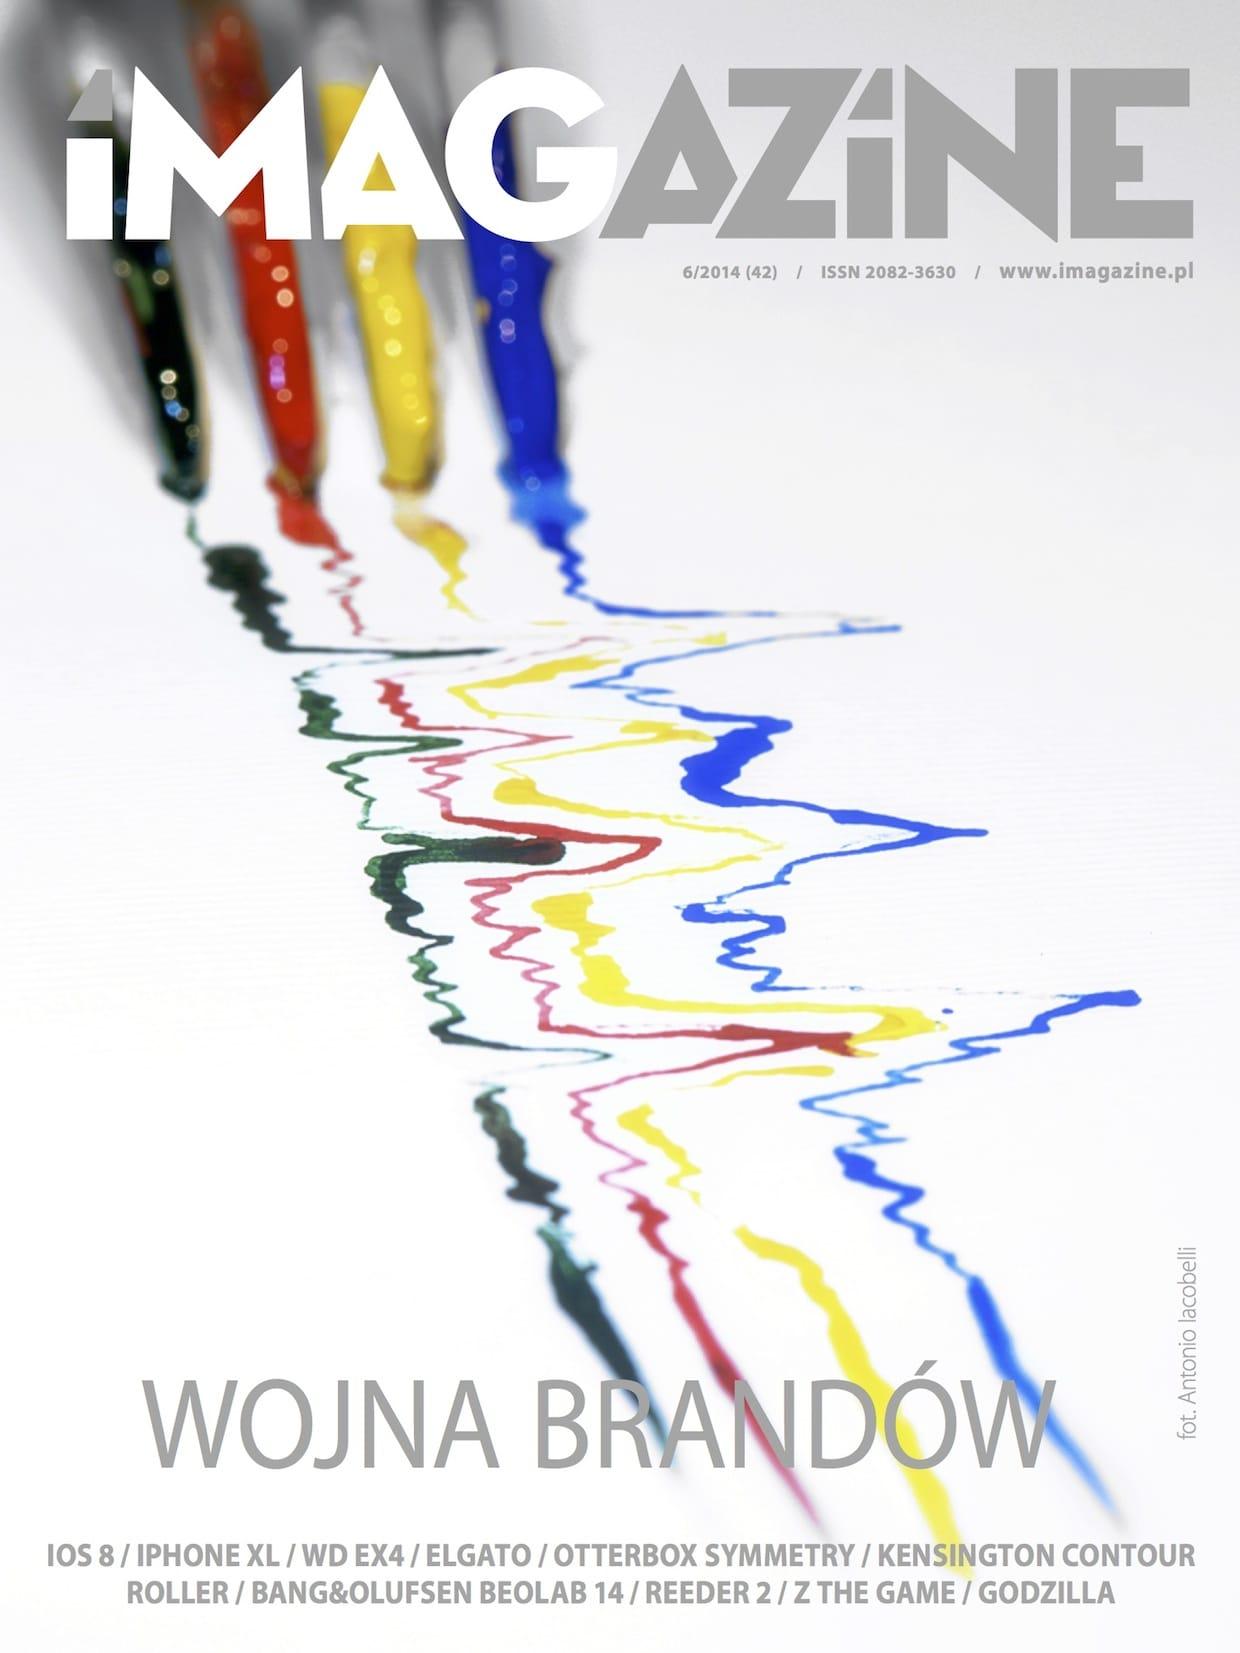 iMagazine 6/2014 – Wojna brandów